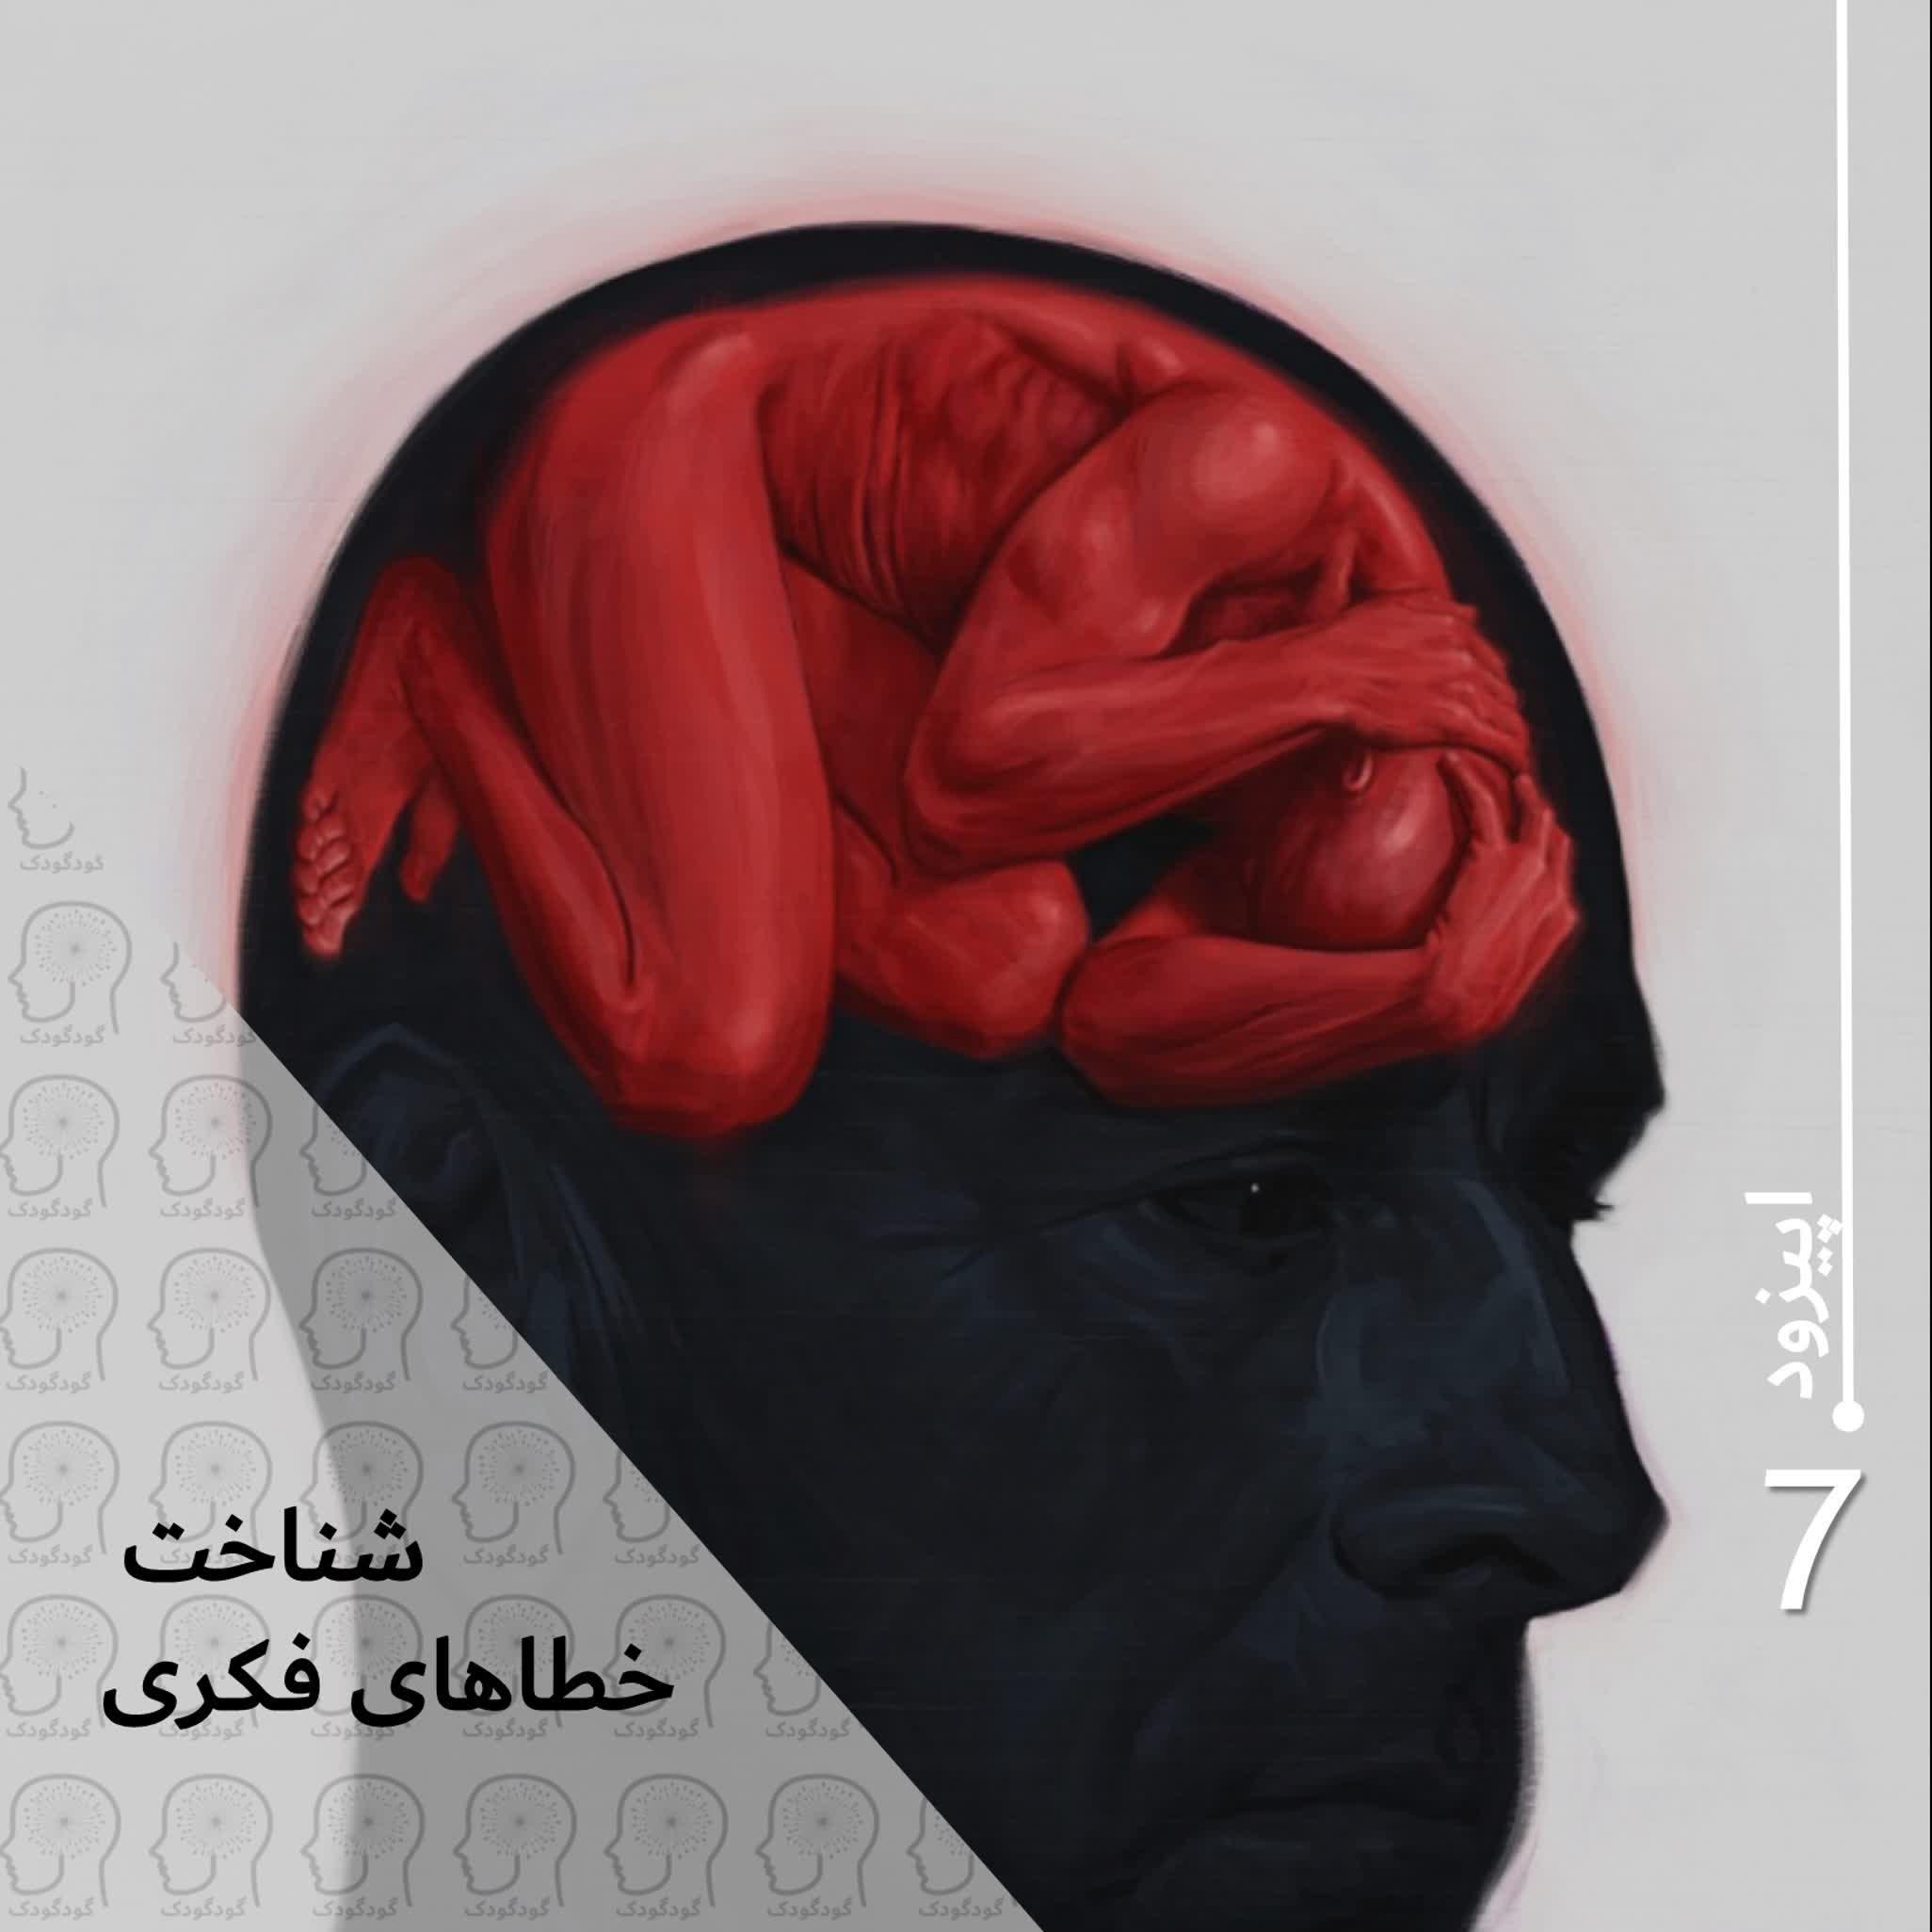 E07 غلبه بر افسردگی و اضطراب -خطاهای فکری